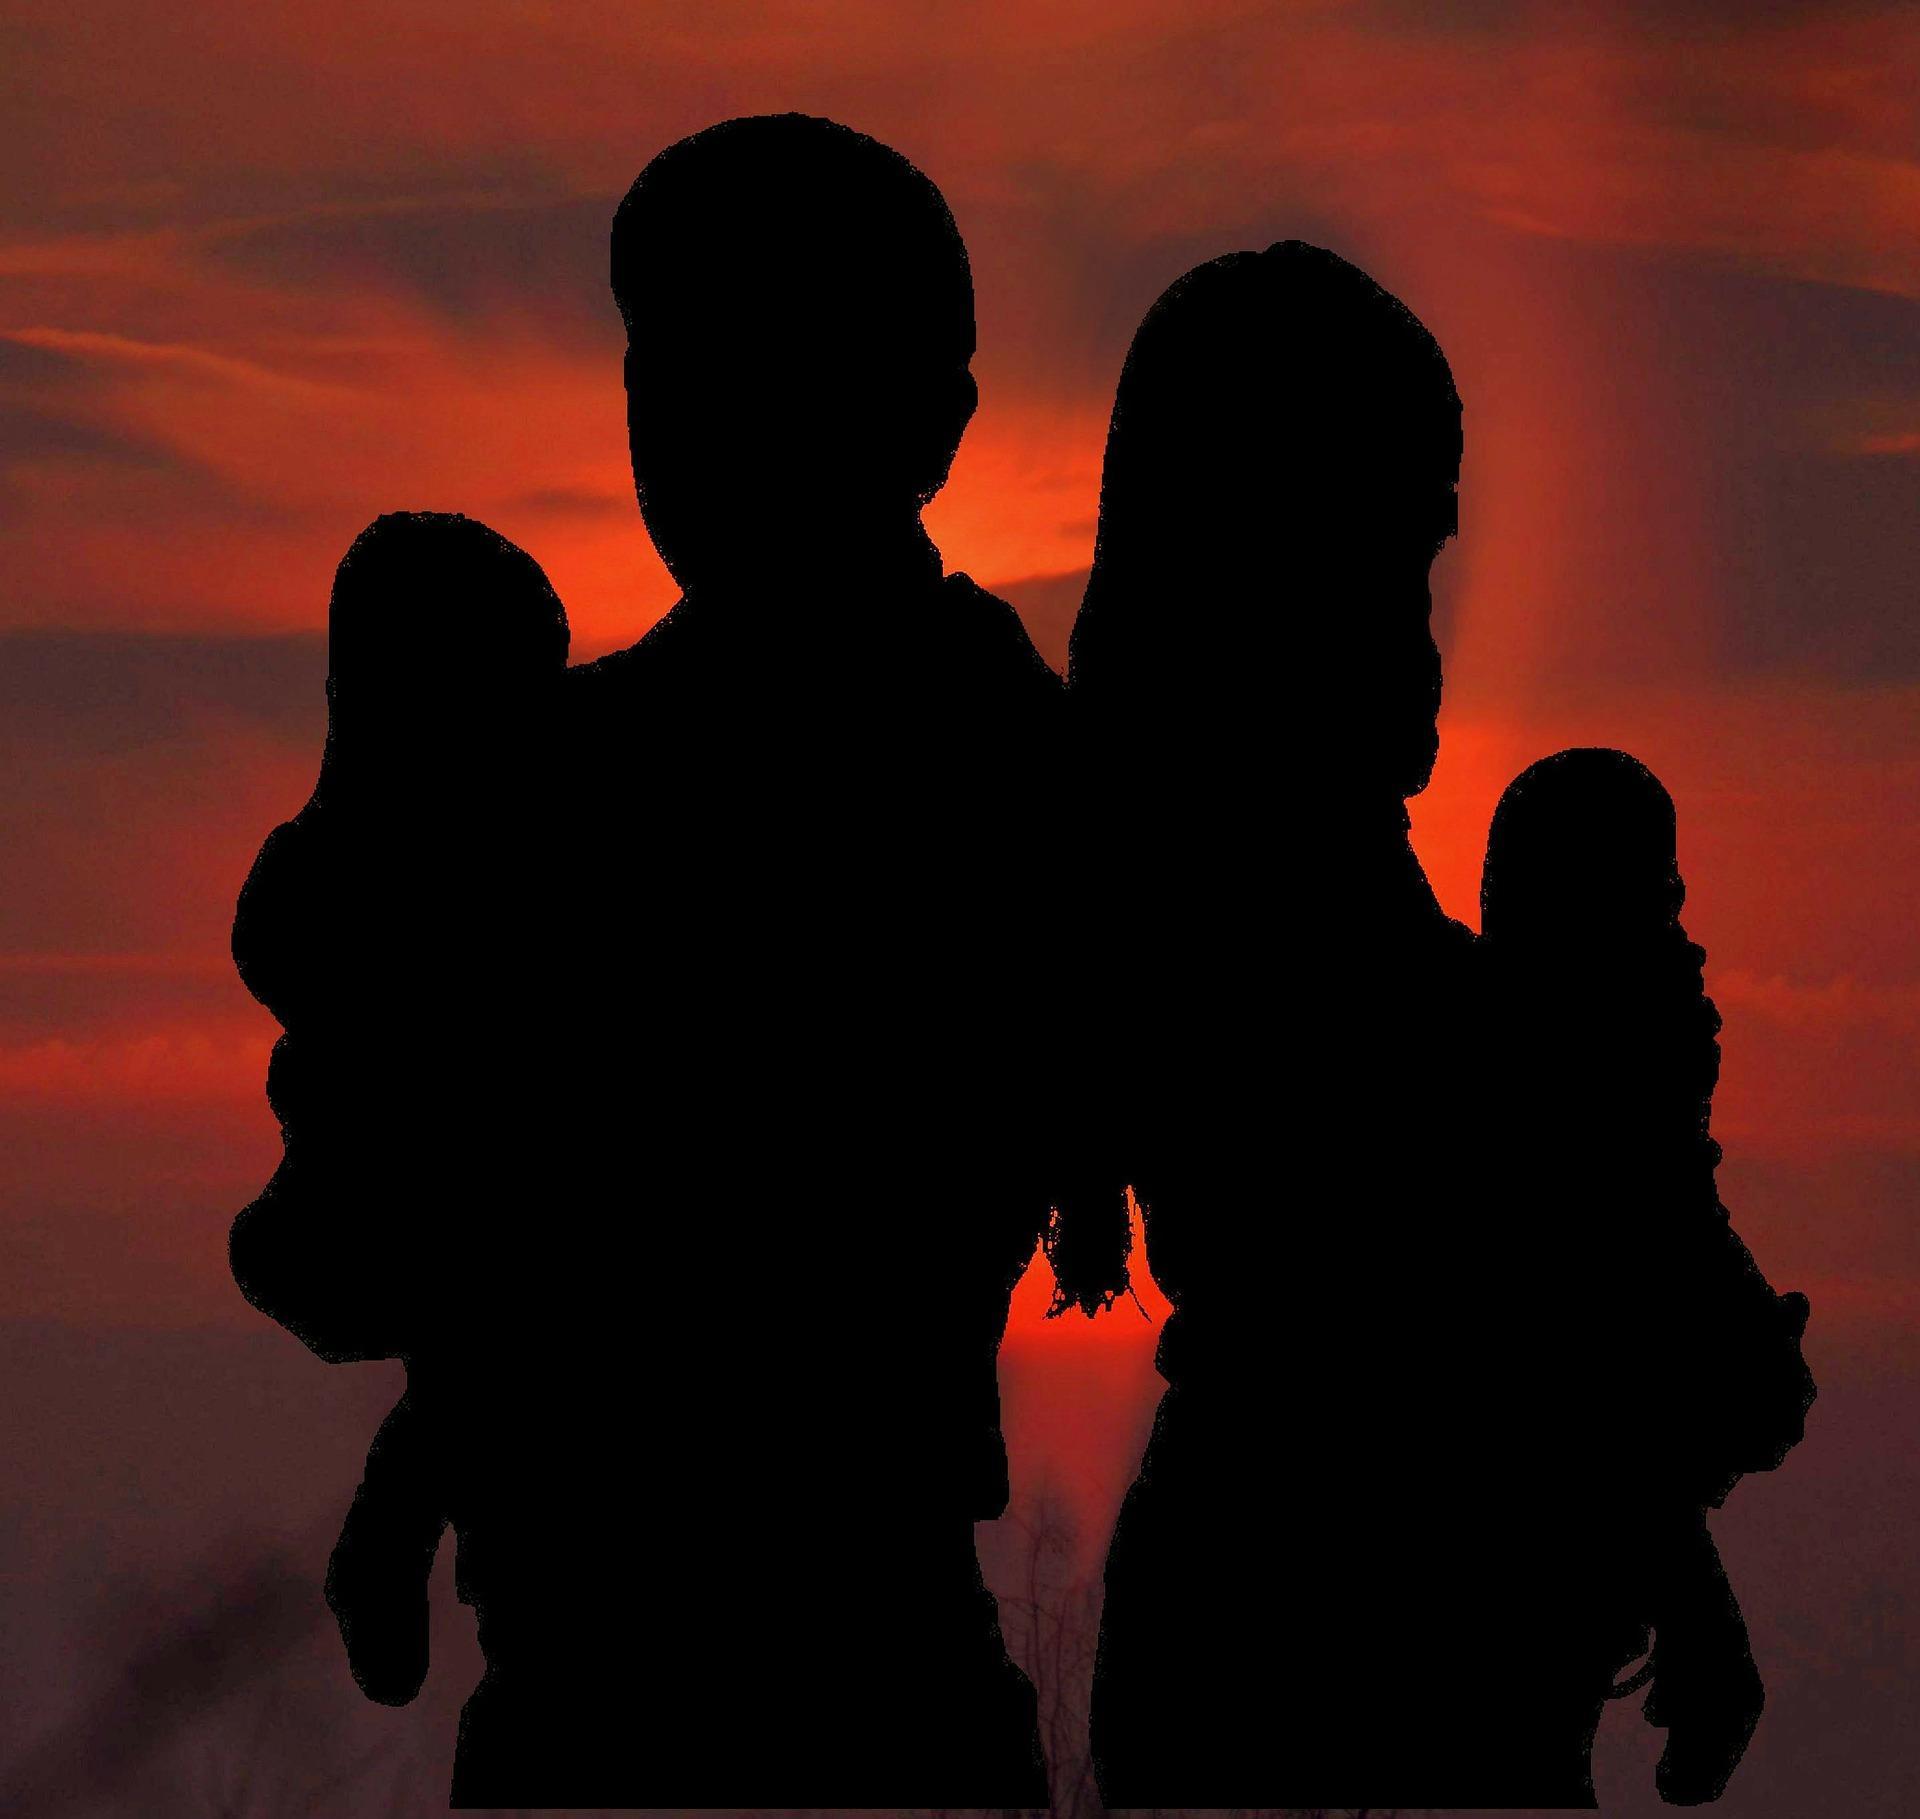 Stiefkindadoption in der Lebenspartnerschaft